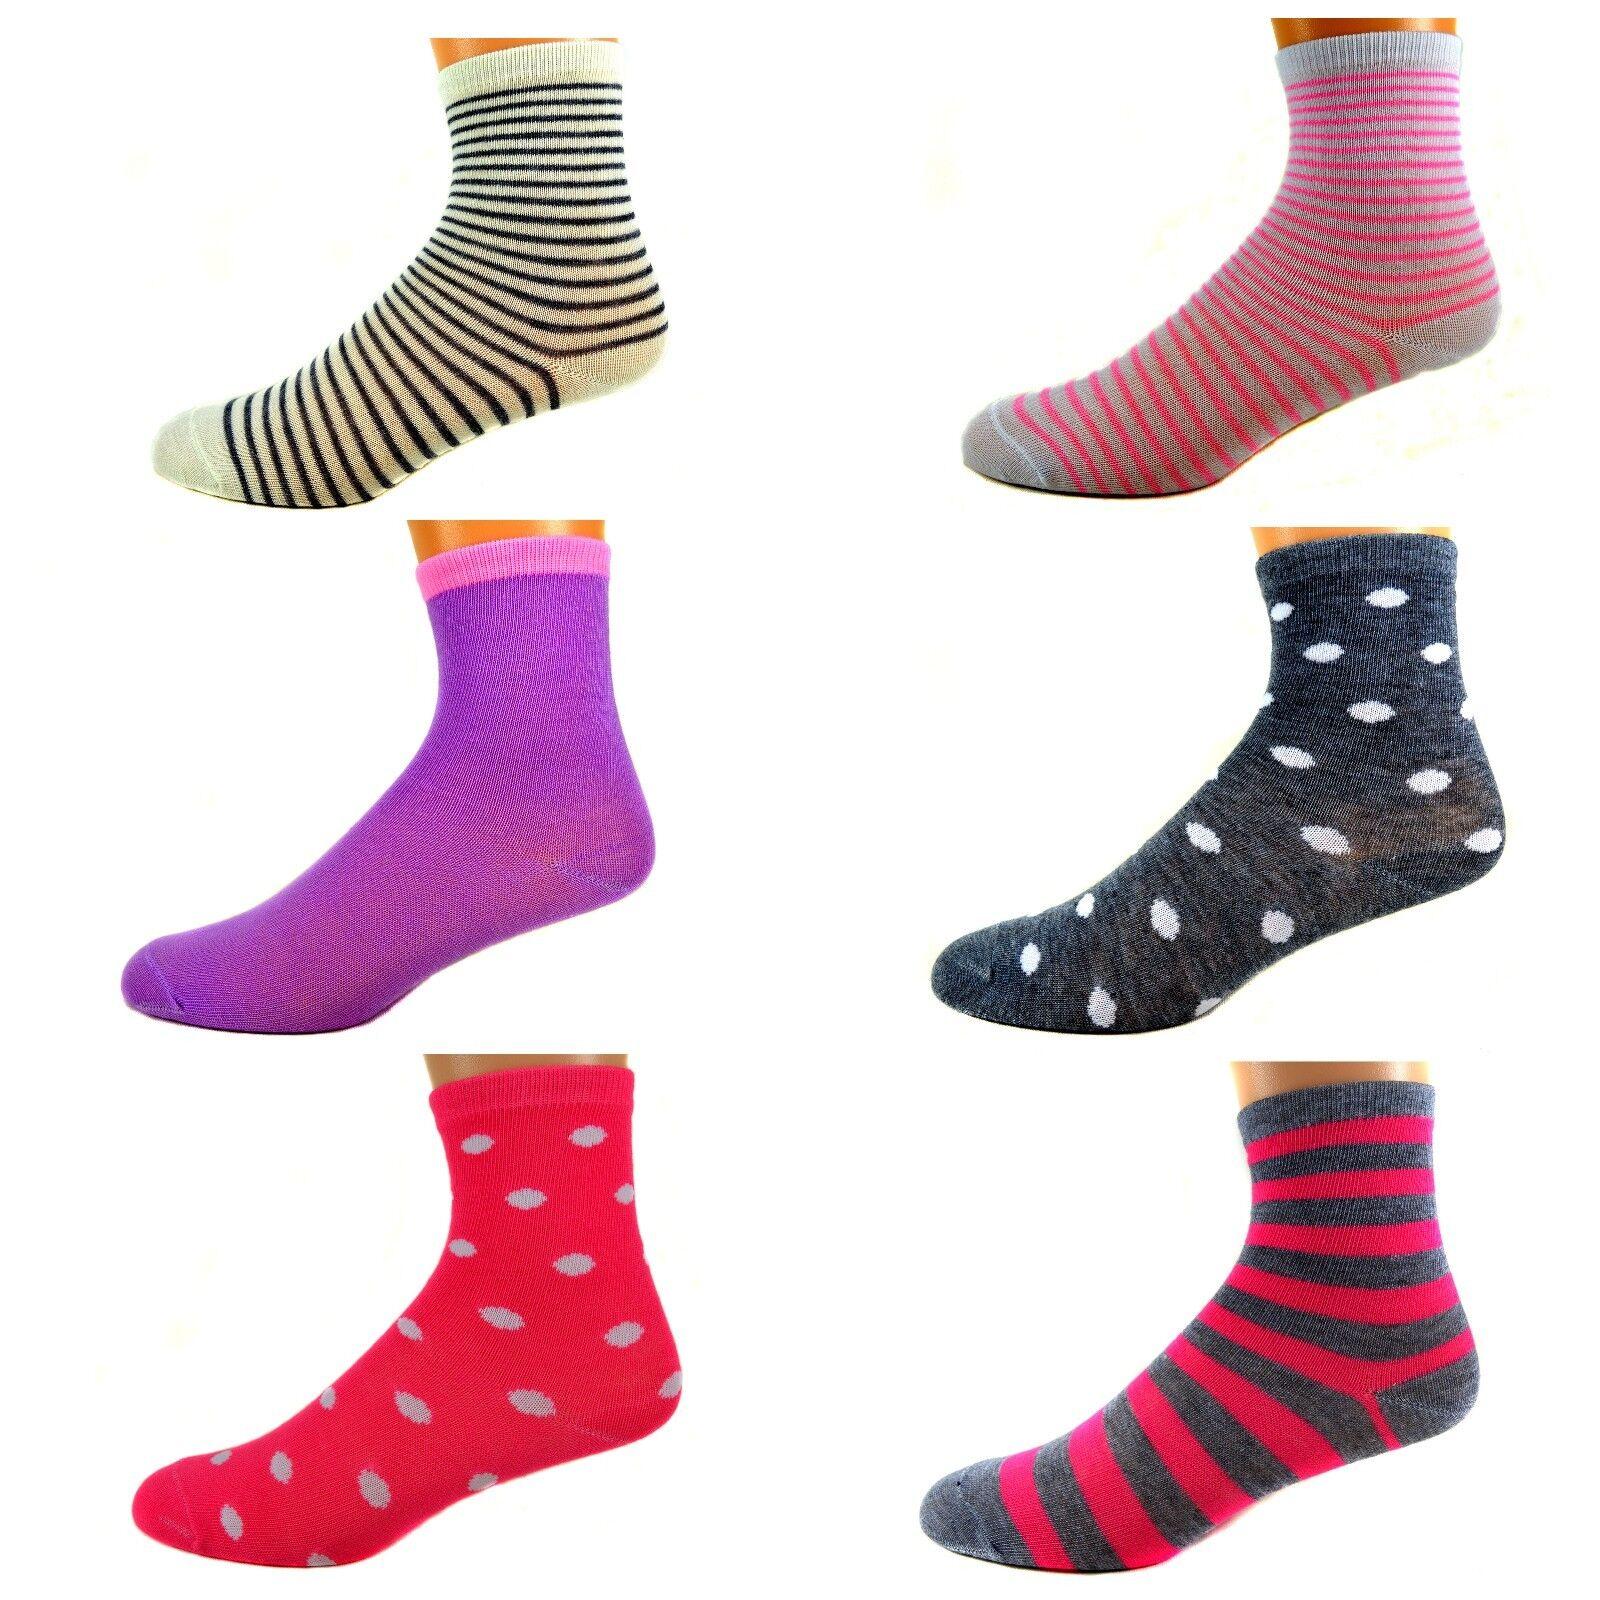 425d627155 12 Paar Ladies Mädchen Socken Kinder Strümpfe 90% Baumwolle A.S-100 ...